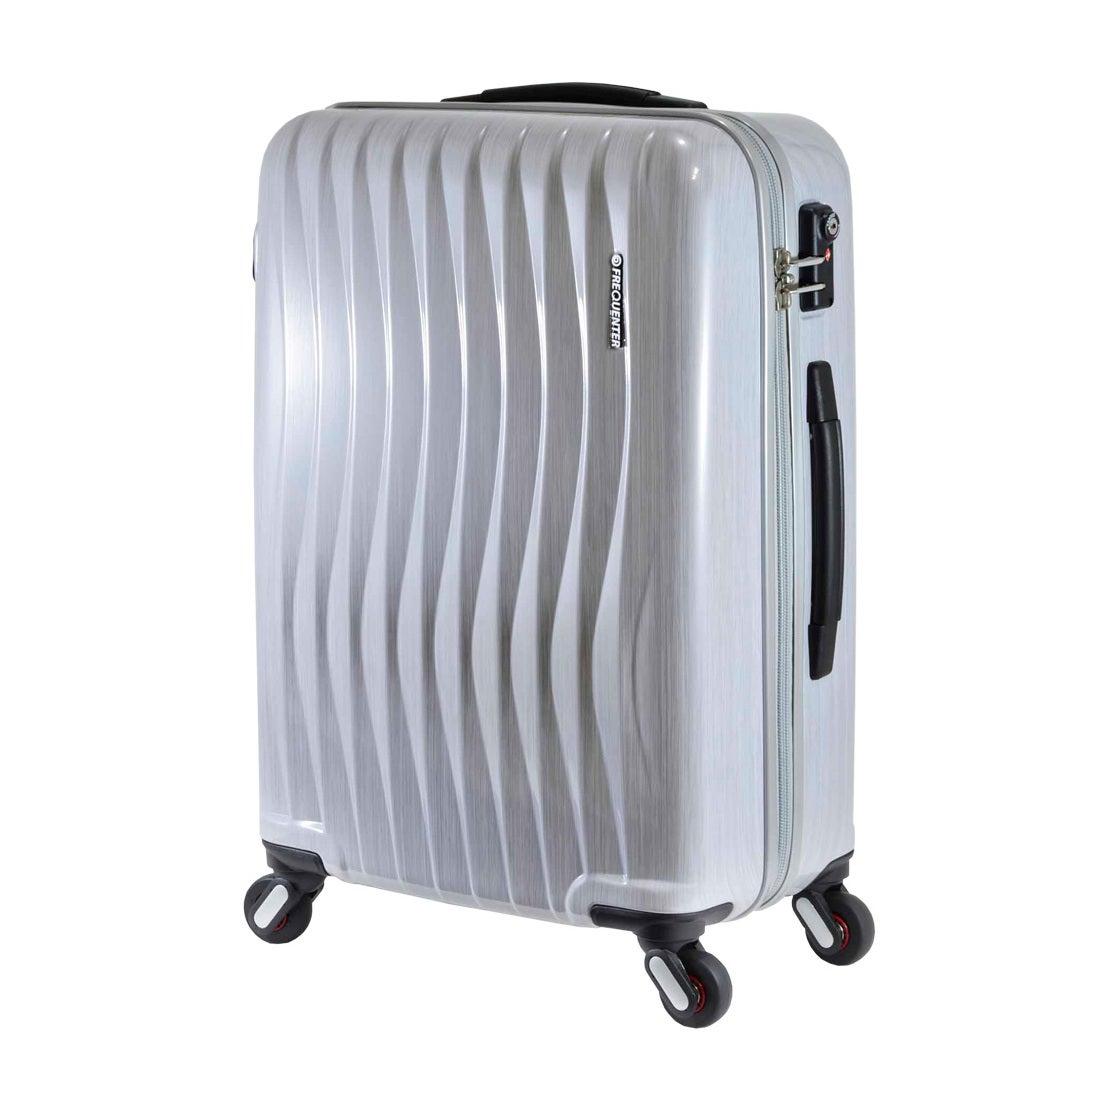 【SAC'S BAR】FREQUENTER フリクエンター WAVE スーツケース 1-621-58 58cm ヘアラインホワイト メンズ